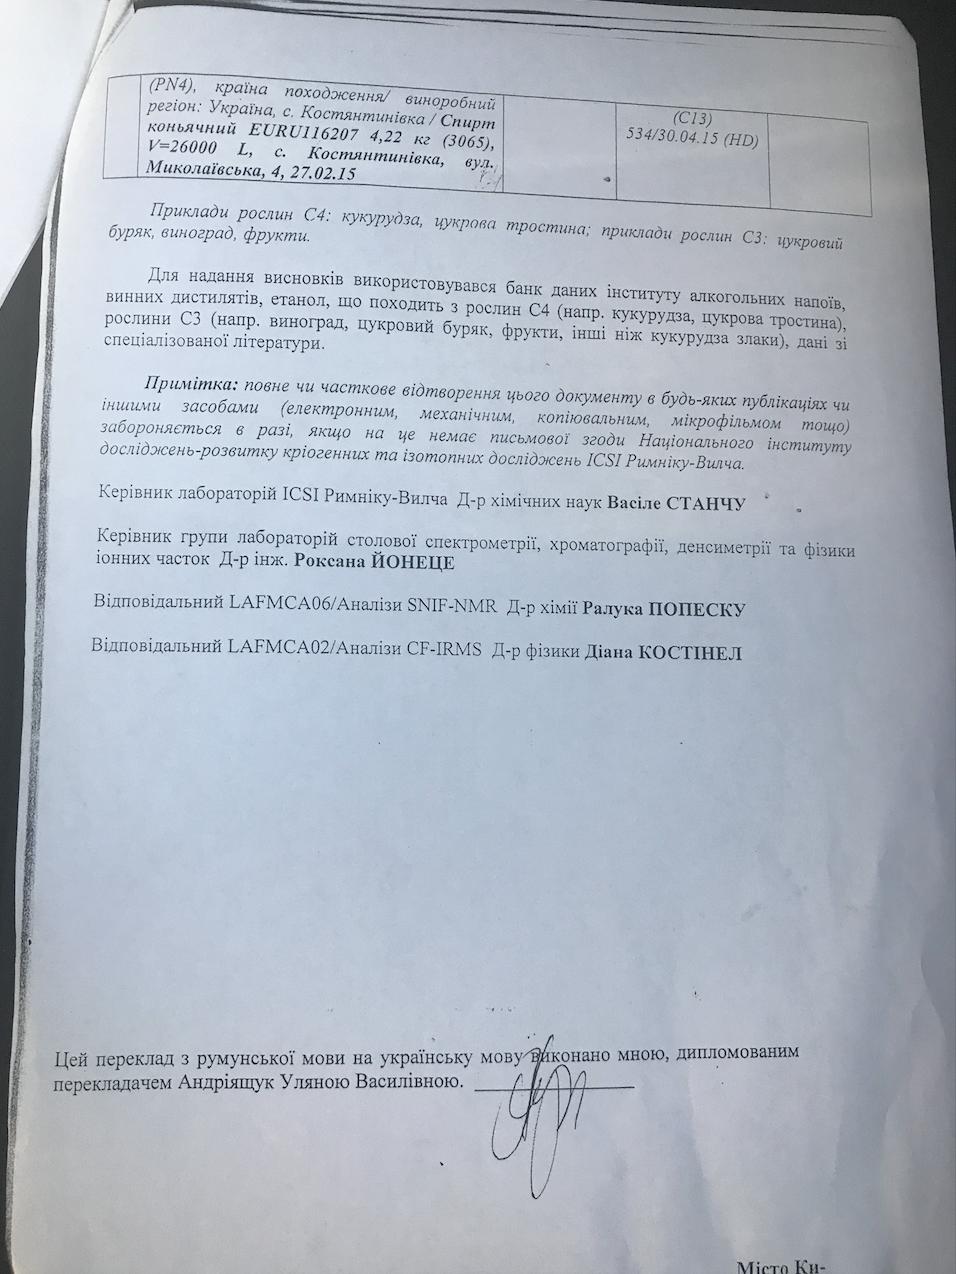 румынская экспертиза_06